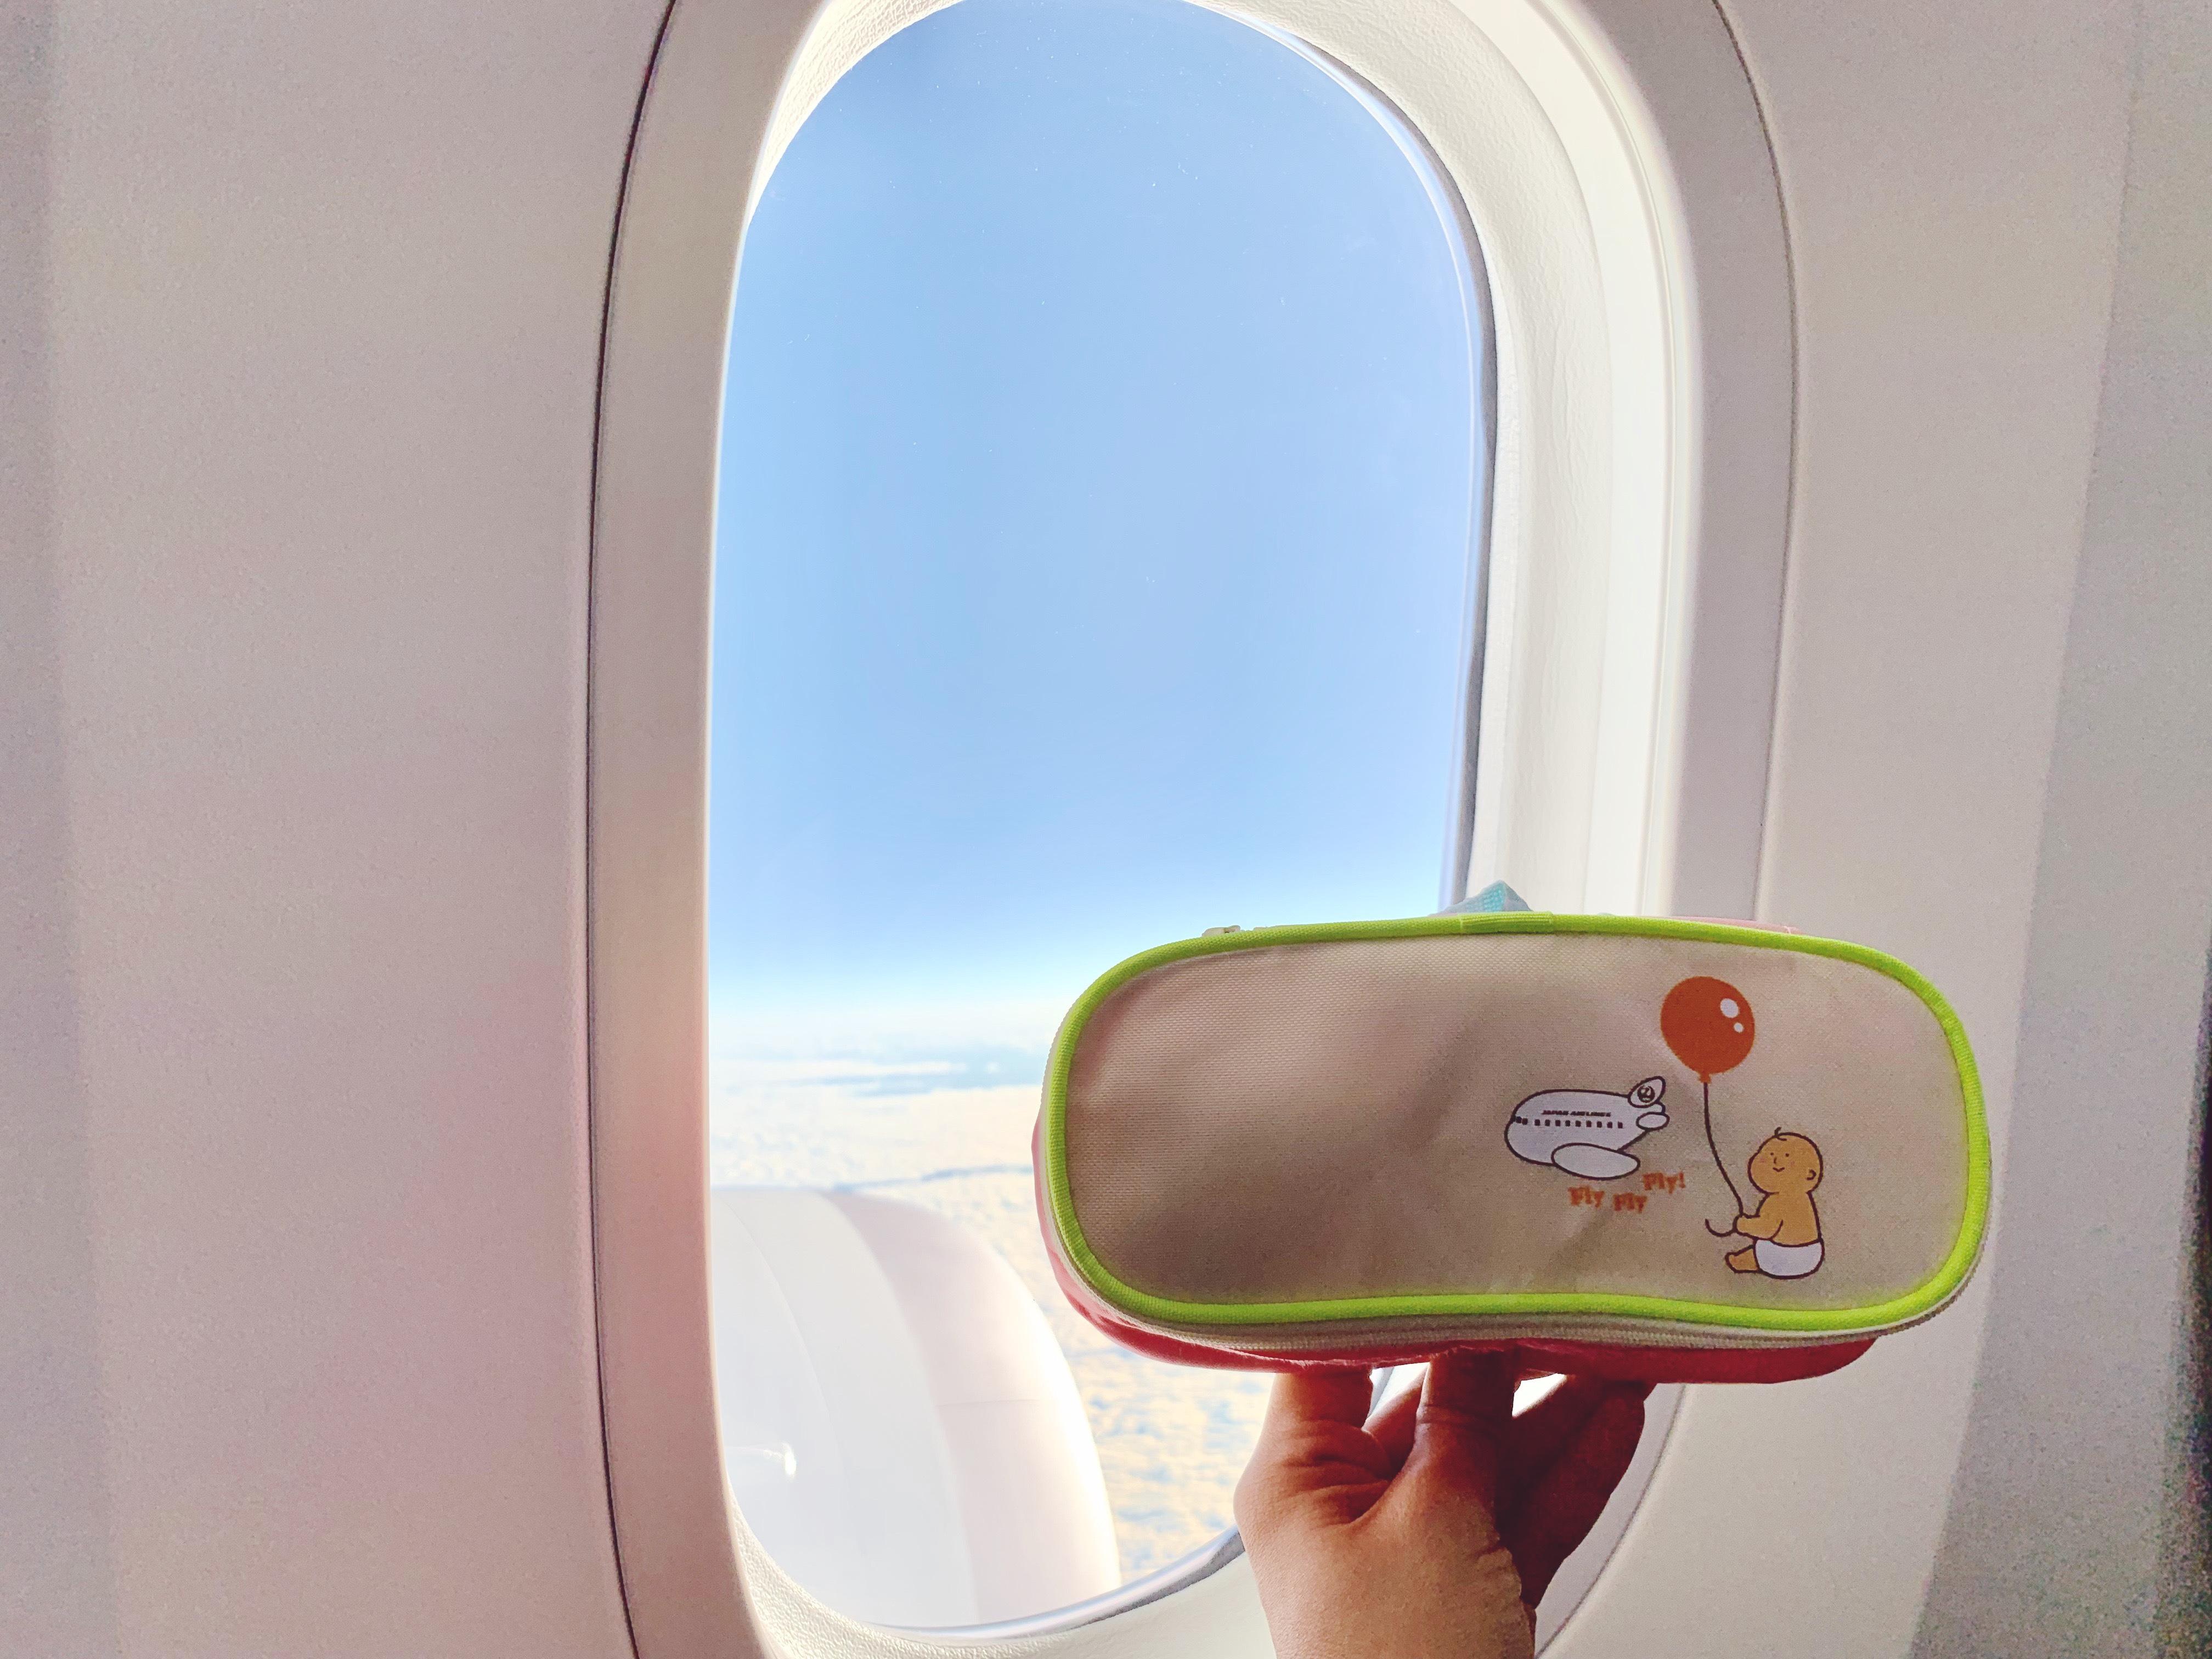 214110a7 110a 47b8 aa78 fdd7b0df1ff6 - Flight with baby boy - JALハワイ便 0歳4ヶ月のフライト